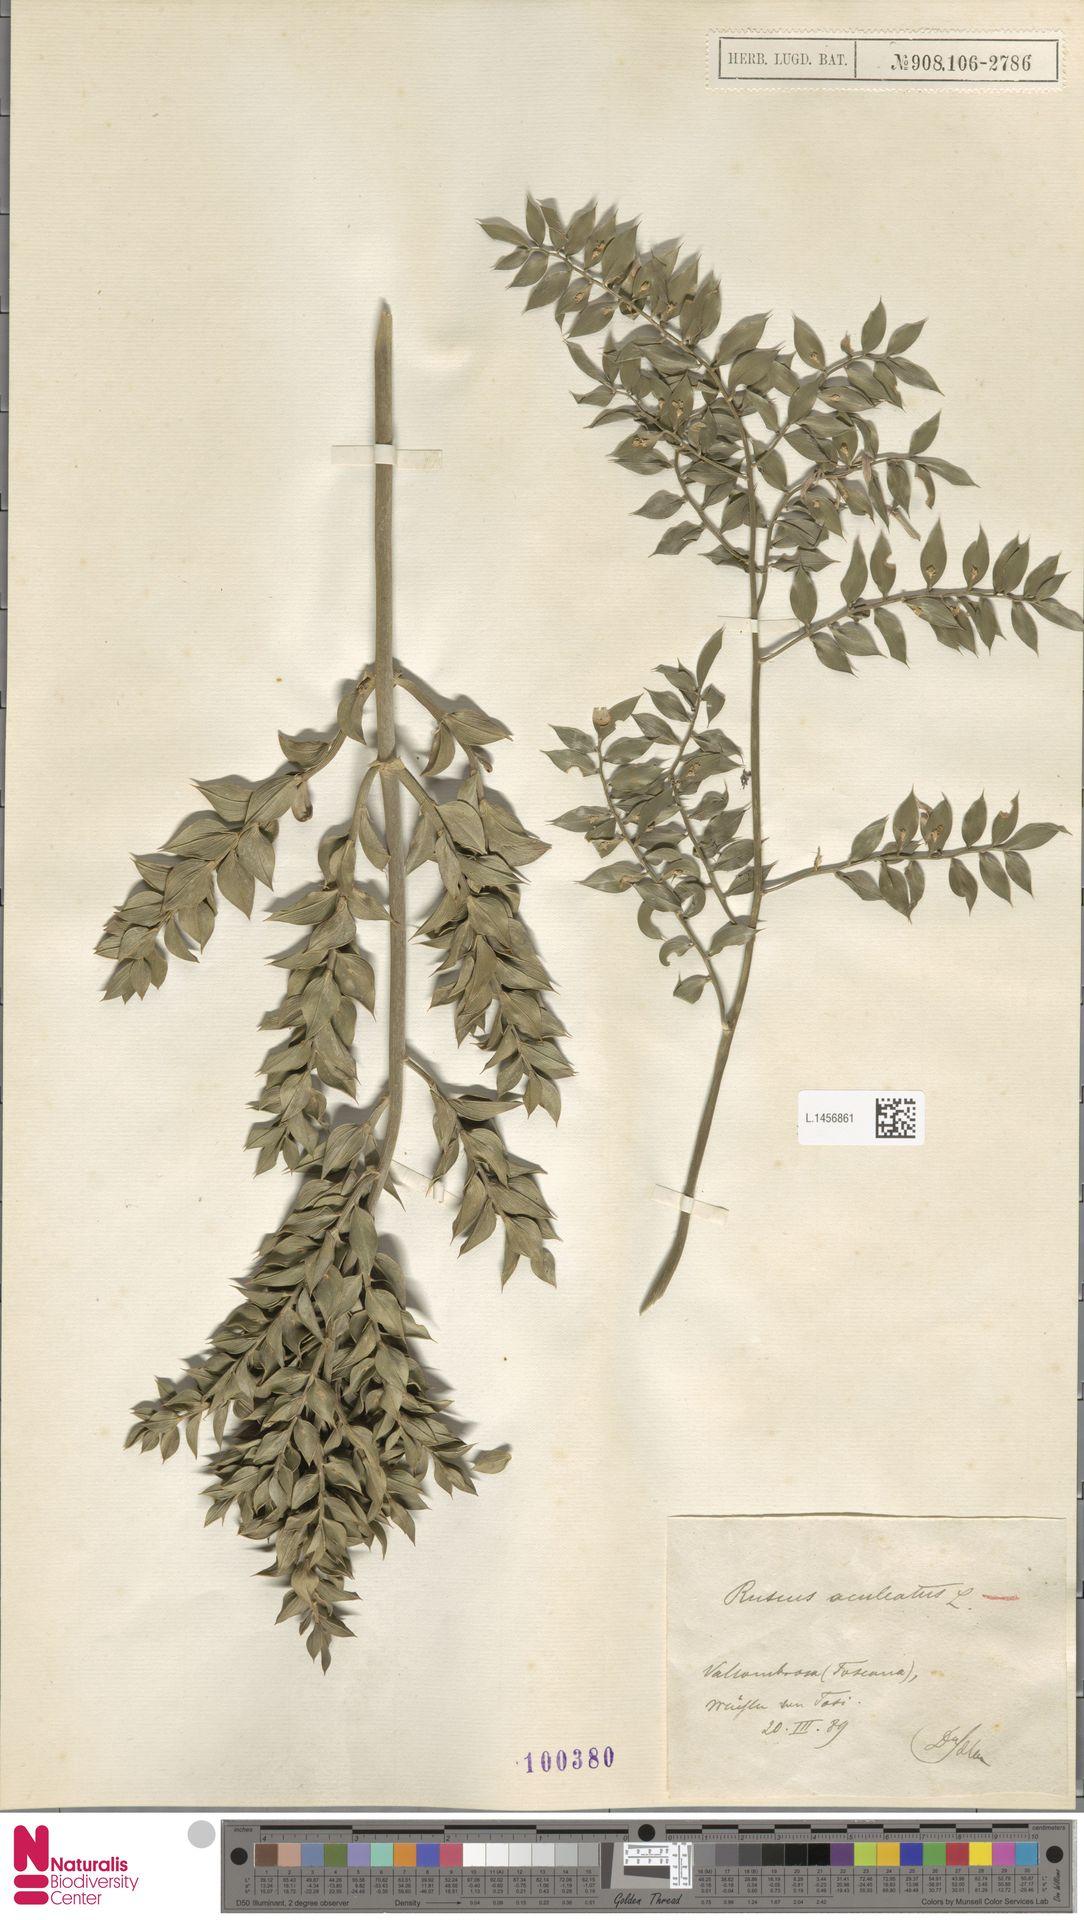 L.1456861 | Ruscus aculeatus L.